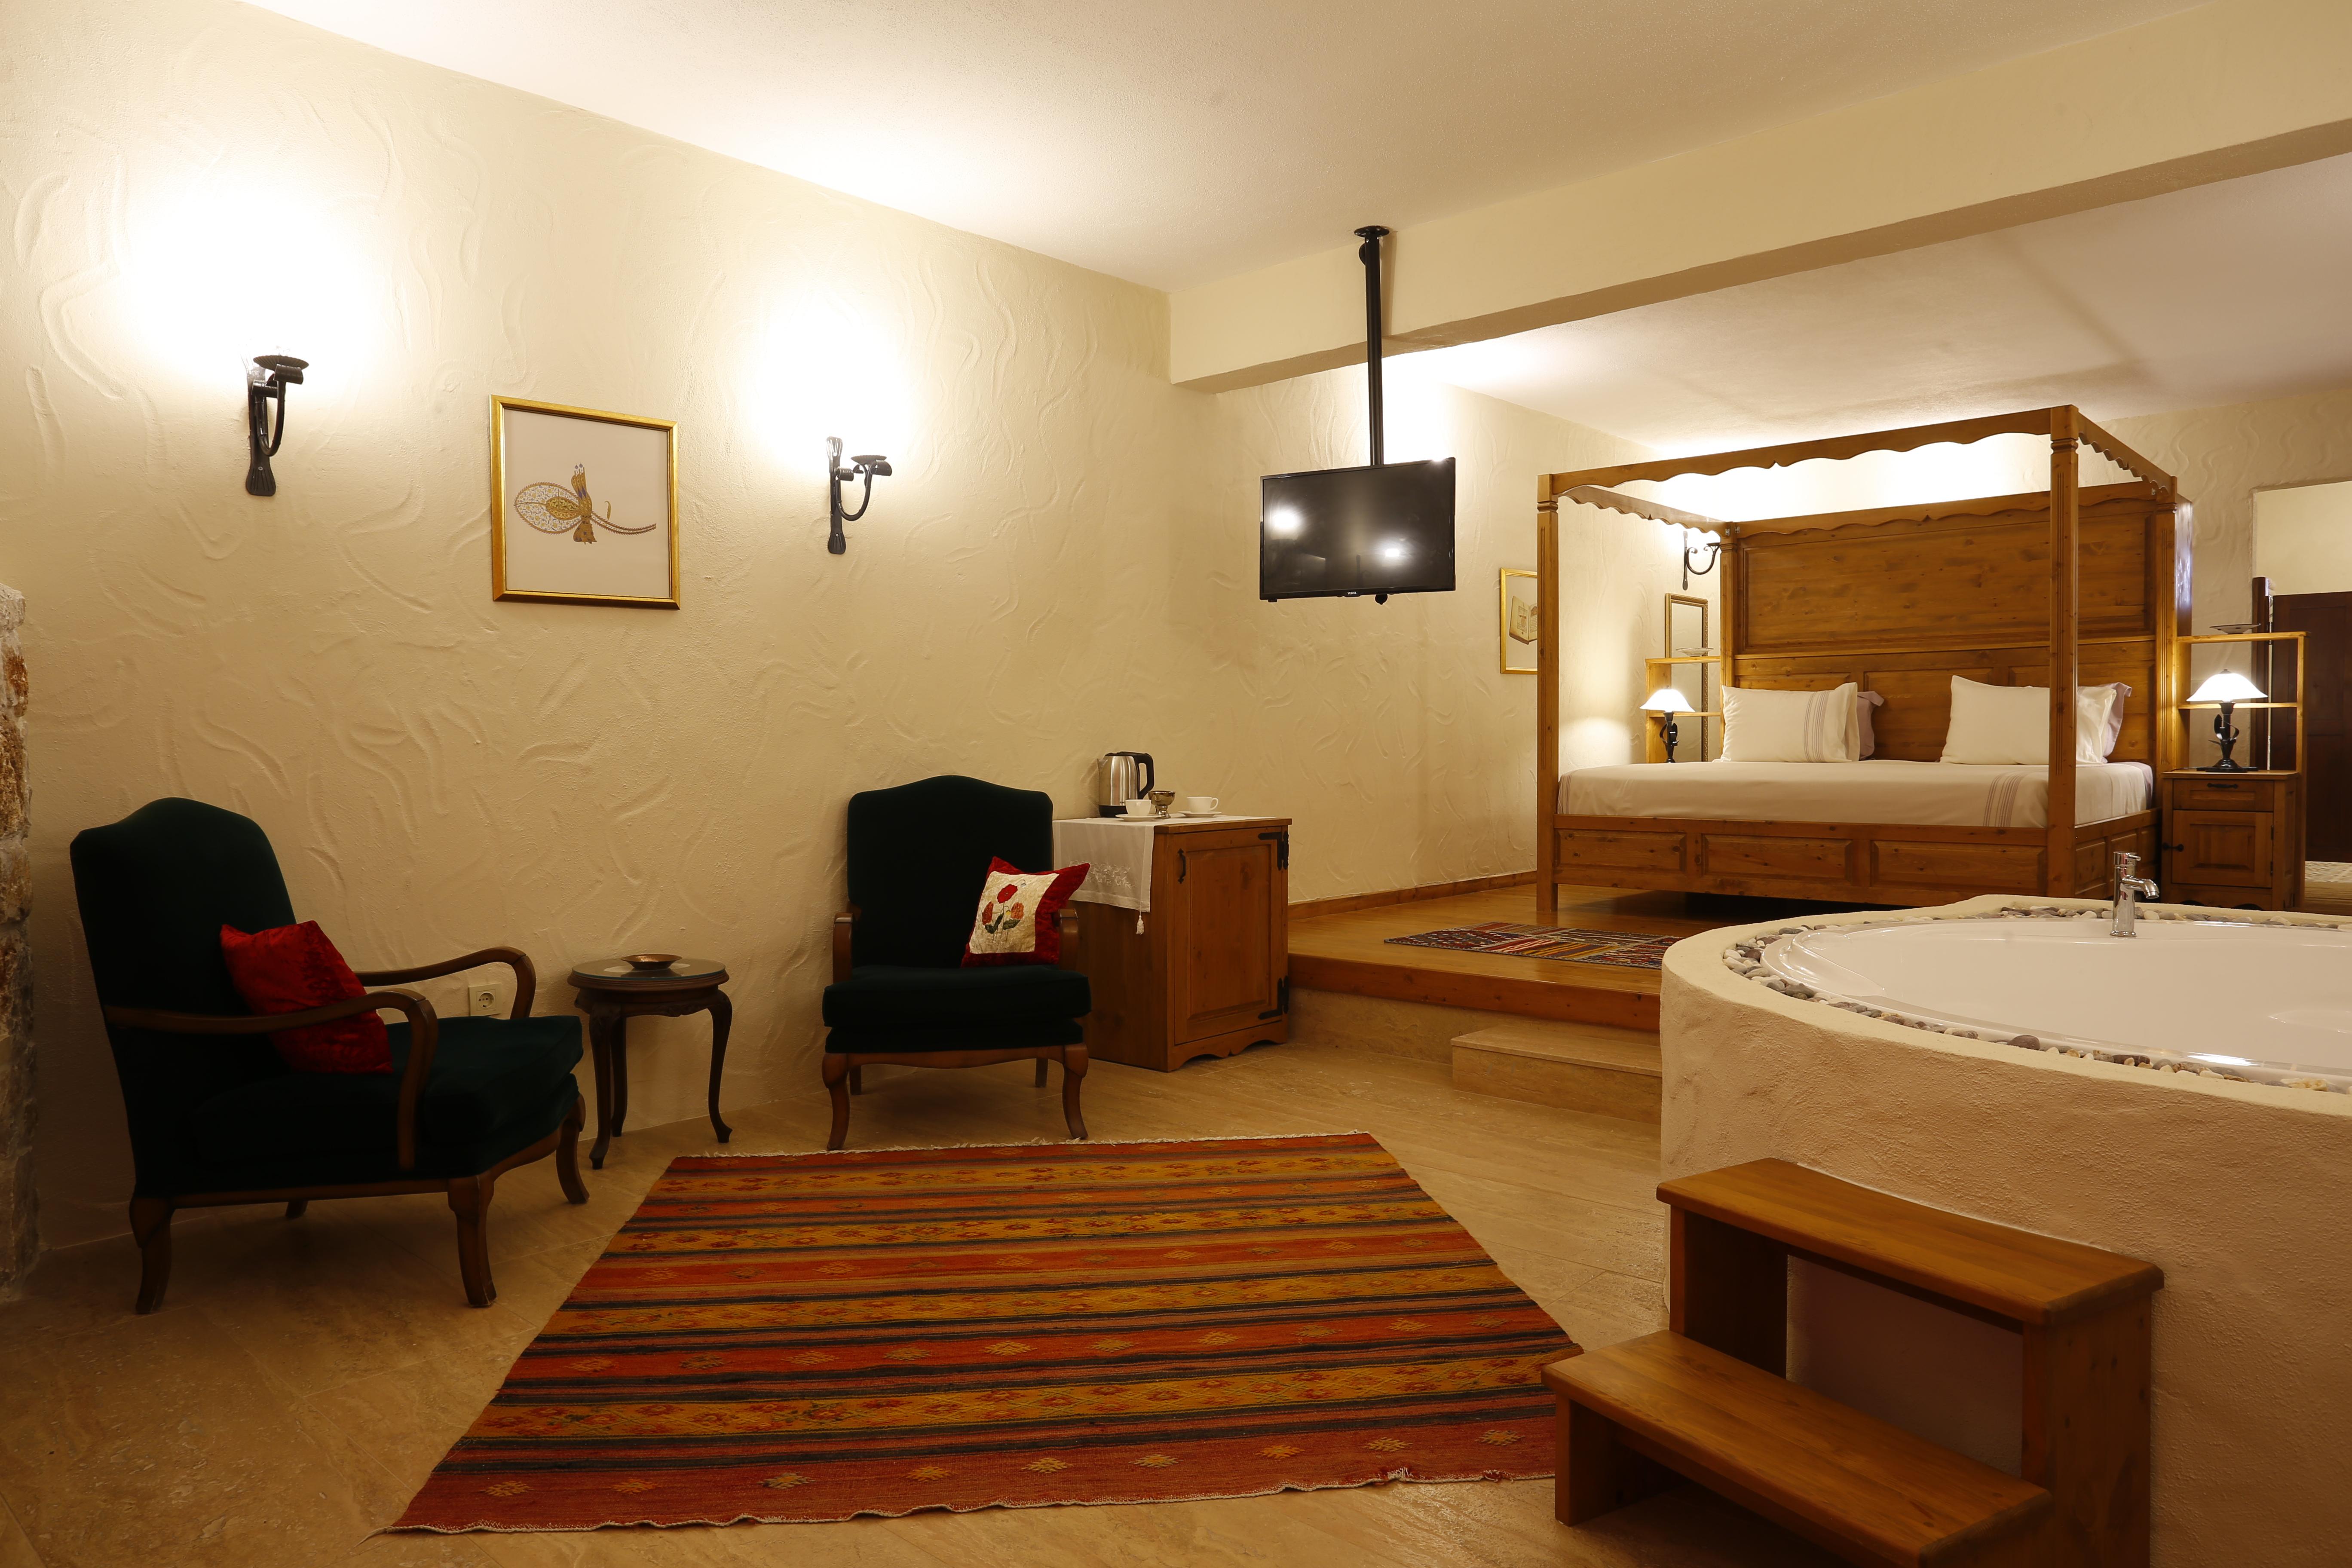 Ferienwohnung Luxurise Unterkunft und persnliches Ambiente in unzerstrter Natur (2742319), Fethiye, , Ägäisregion, Türkei, Bild 10